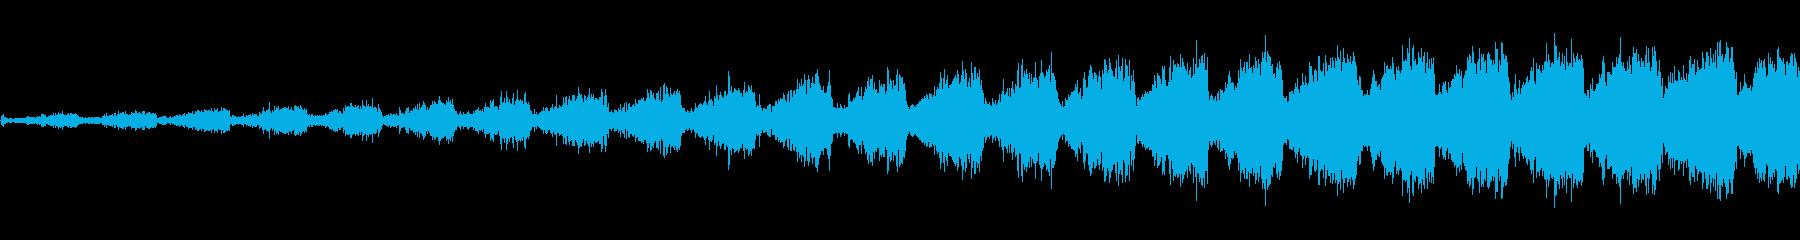 【RISER】シュシュシュシューンッ!!の再生済みの波形